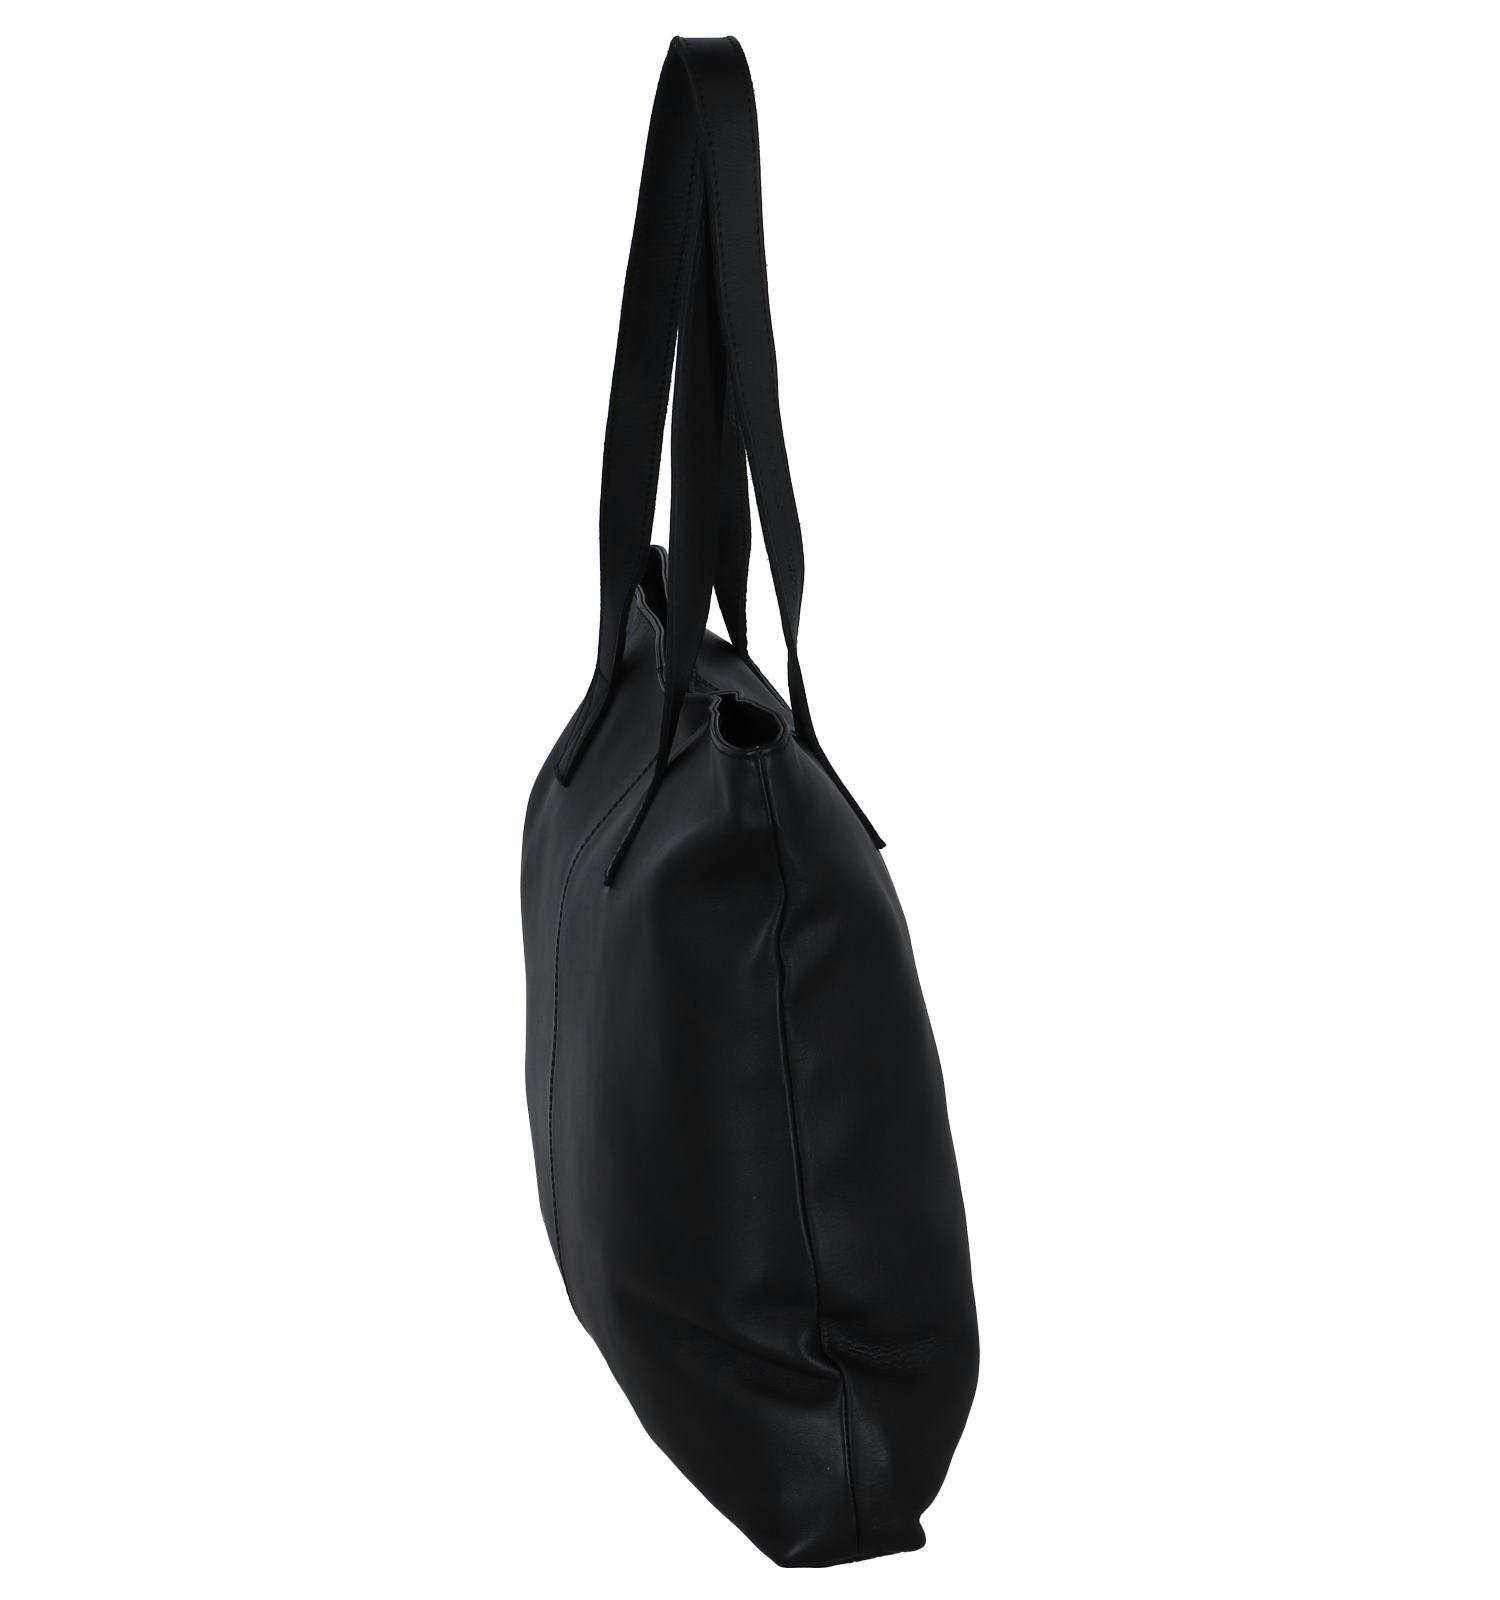 Zwarte Zwarte Munchen Tas Saccoo Saccoo Shopper Shopper Tas TlJFcuK13